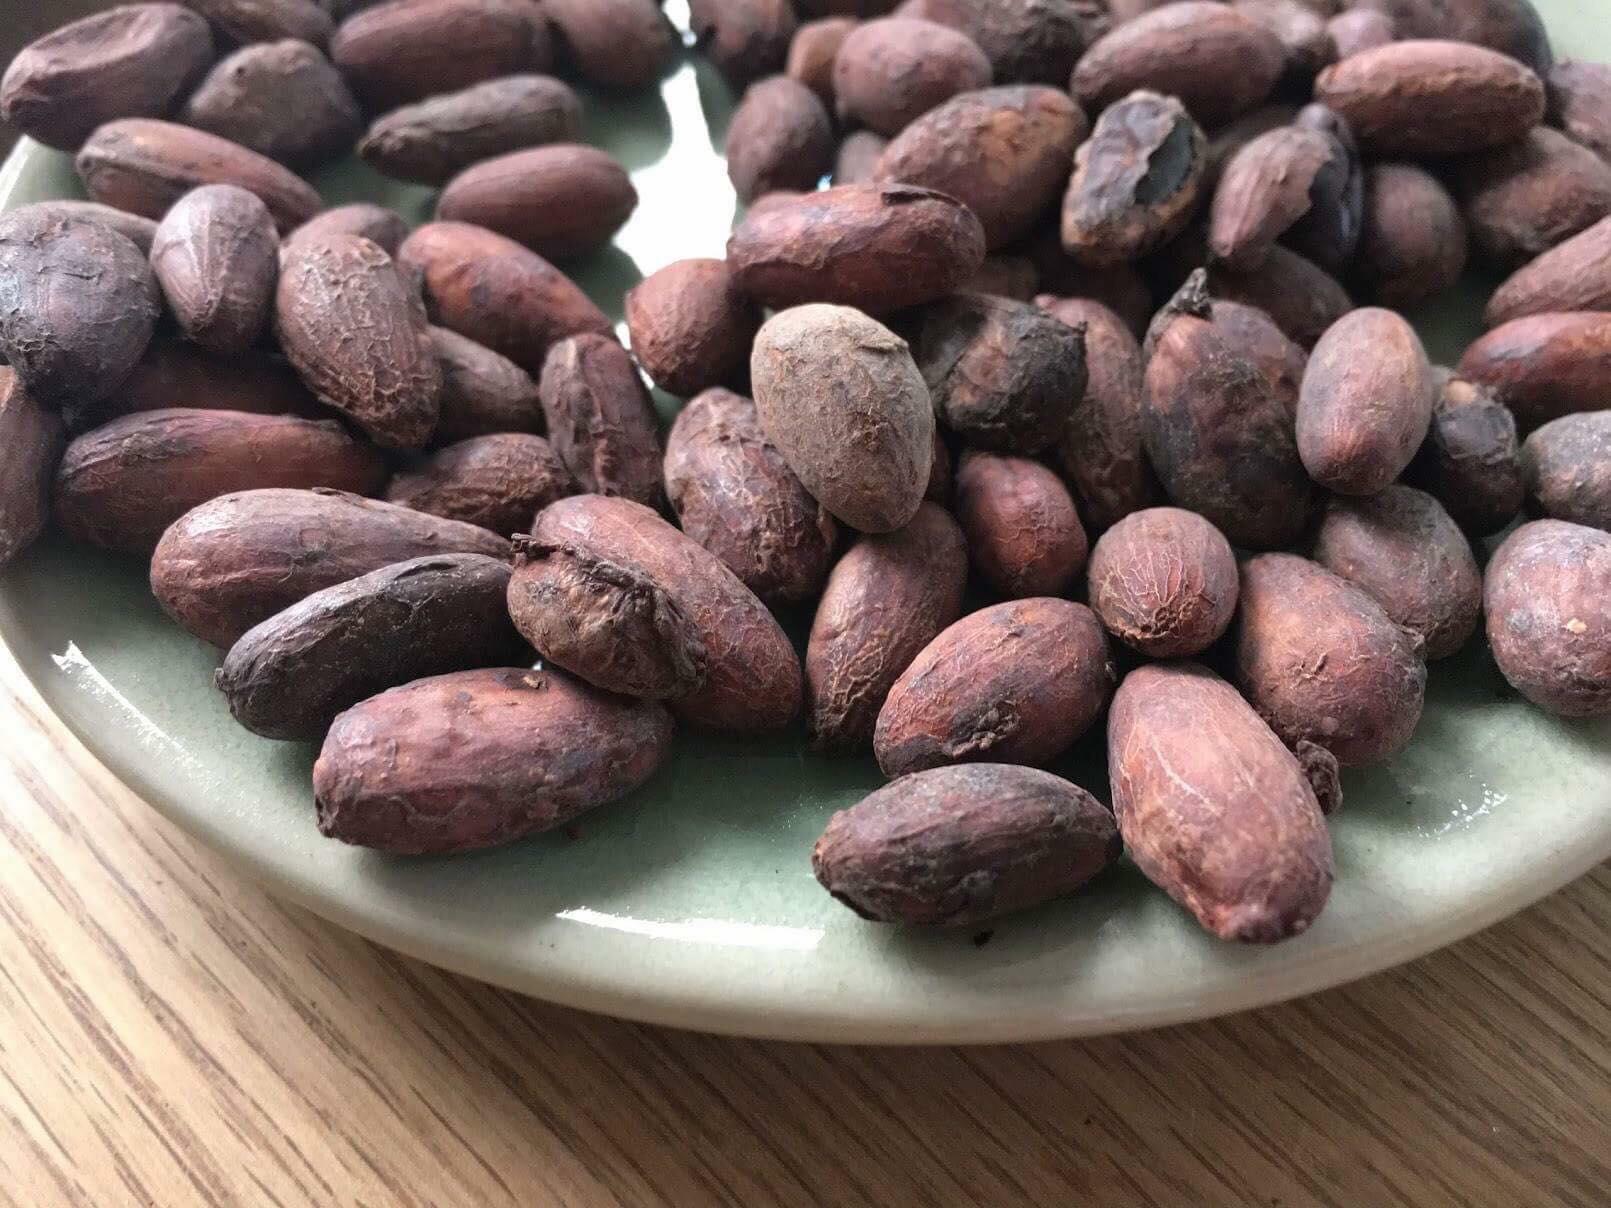 アマゾン野生種カカオ豆から作るチョコレート